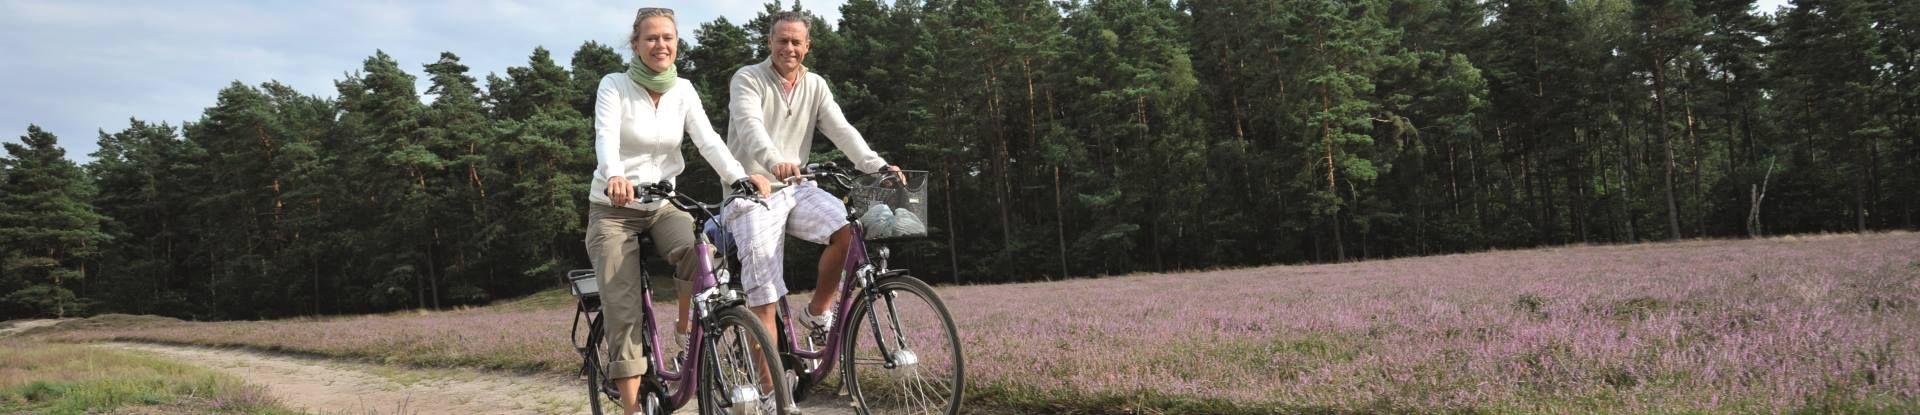 Radfahrer Klein-Buenstorfer Heide